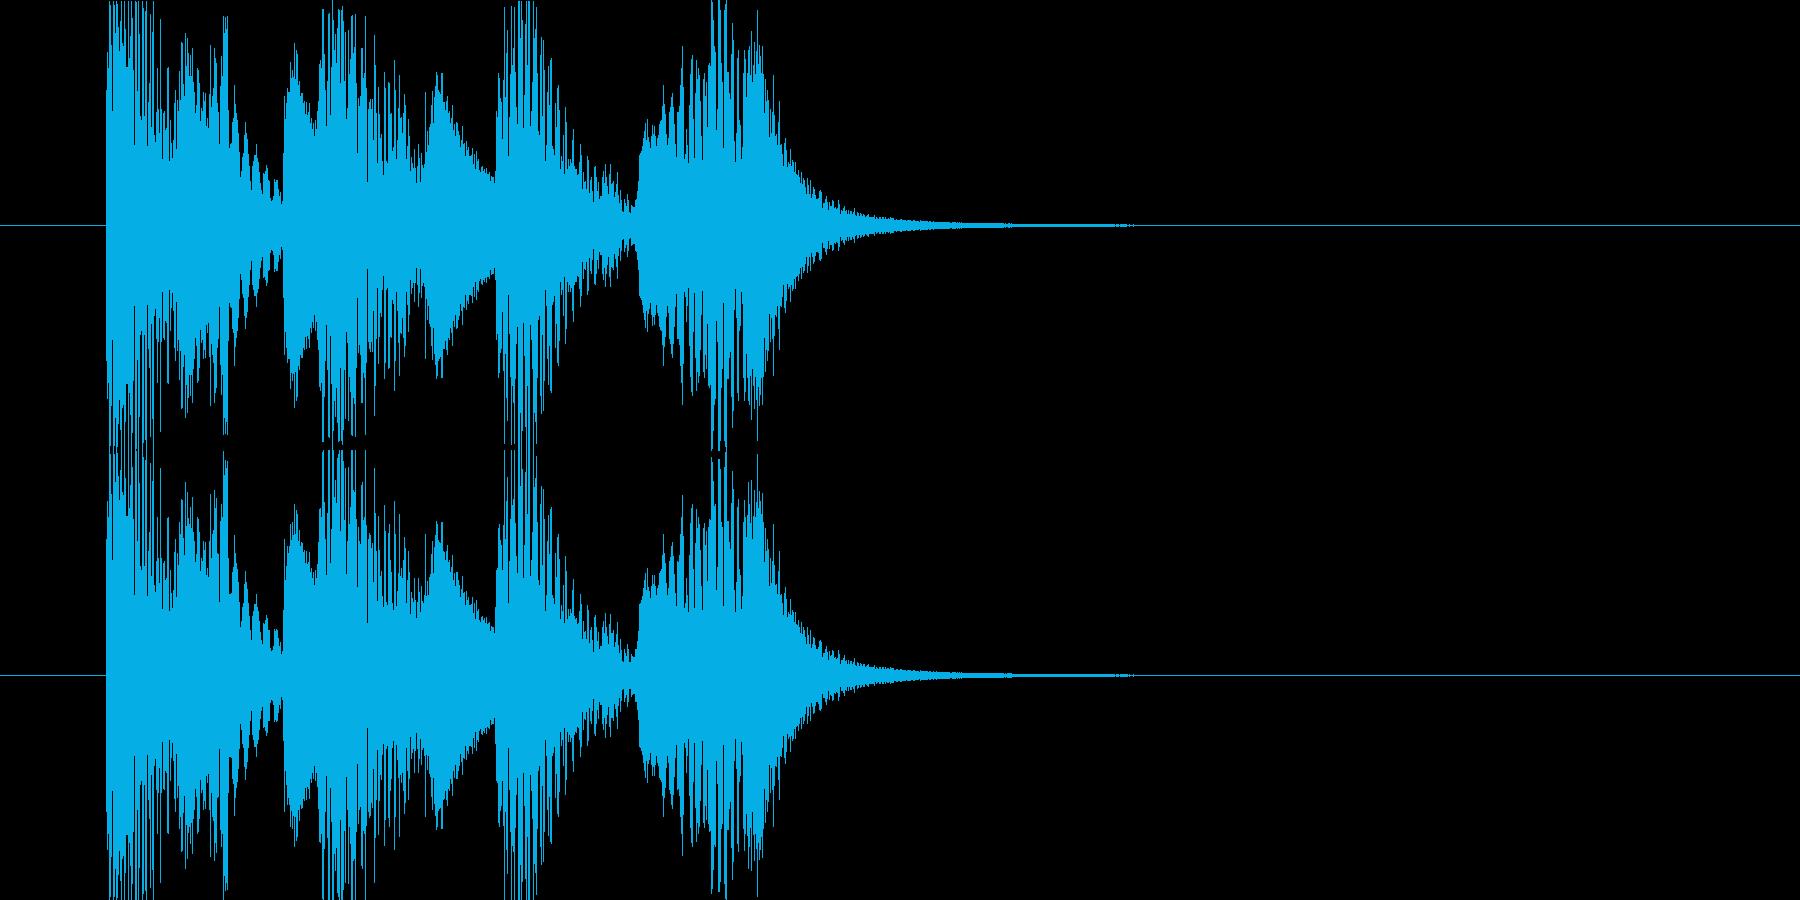 マリンバと8bitシンセのジングルの再生済みの波形